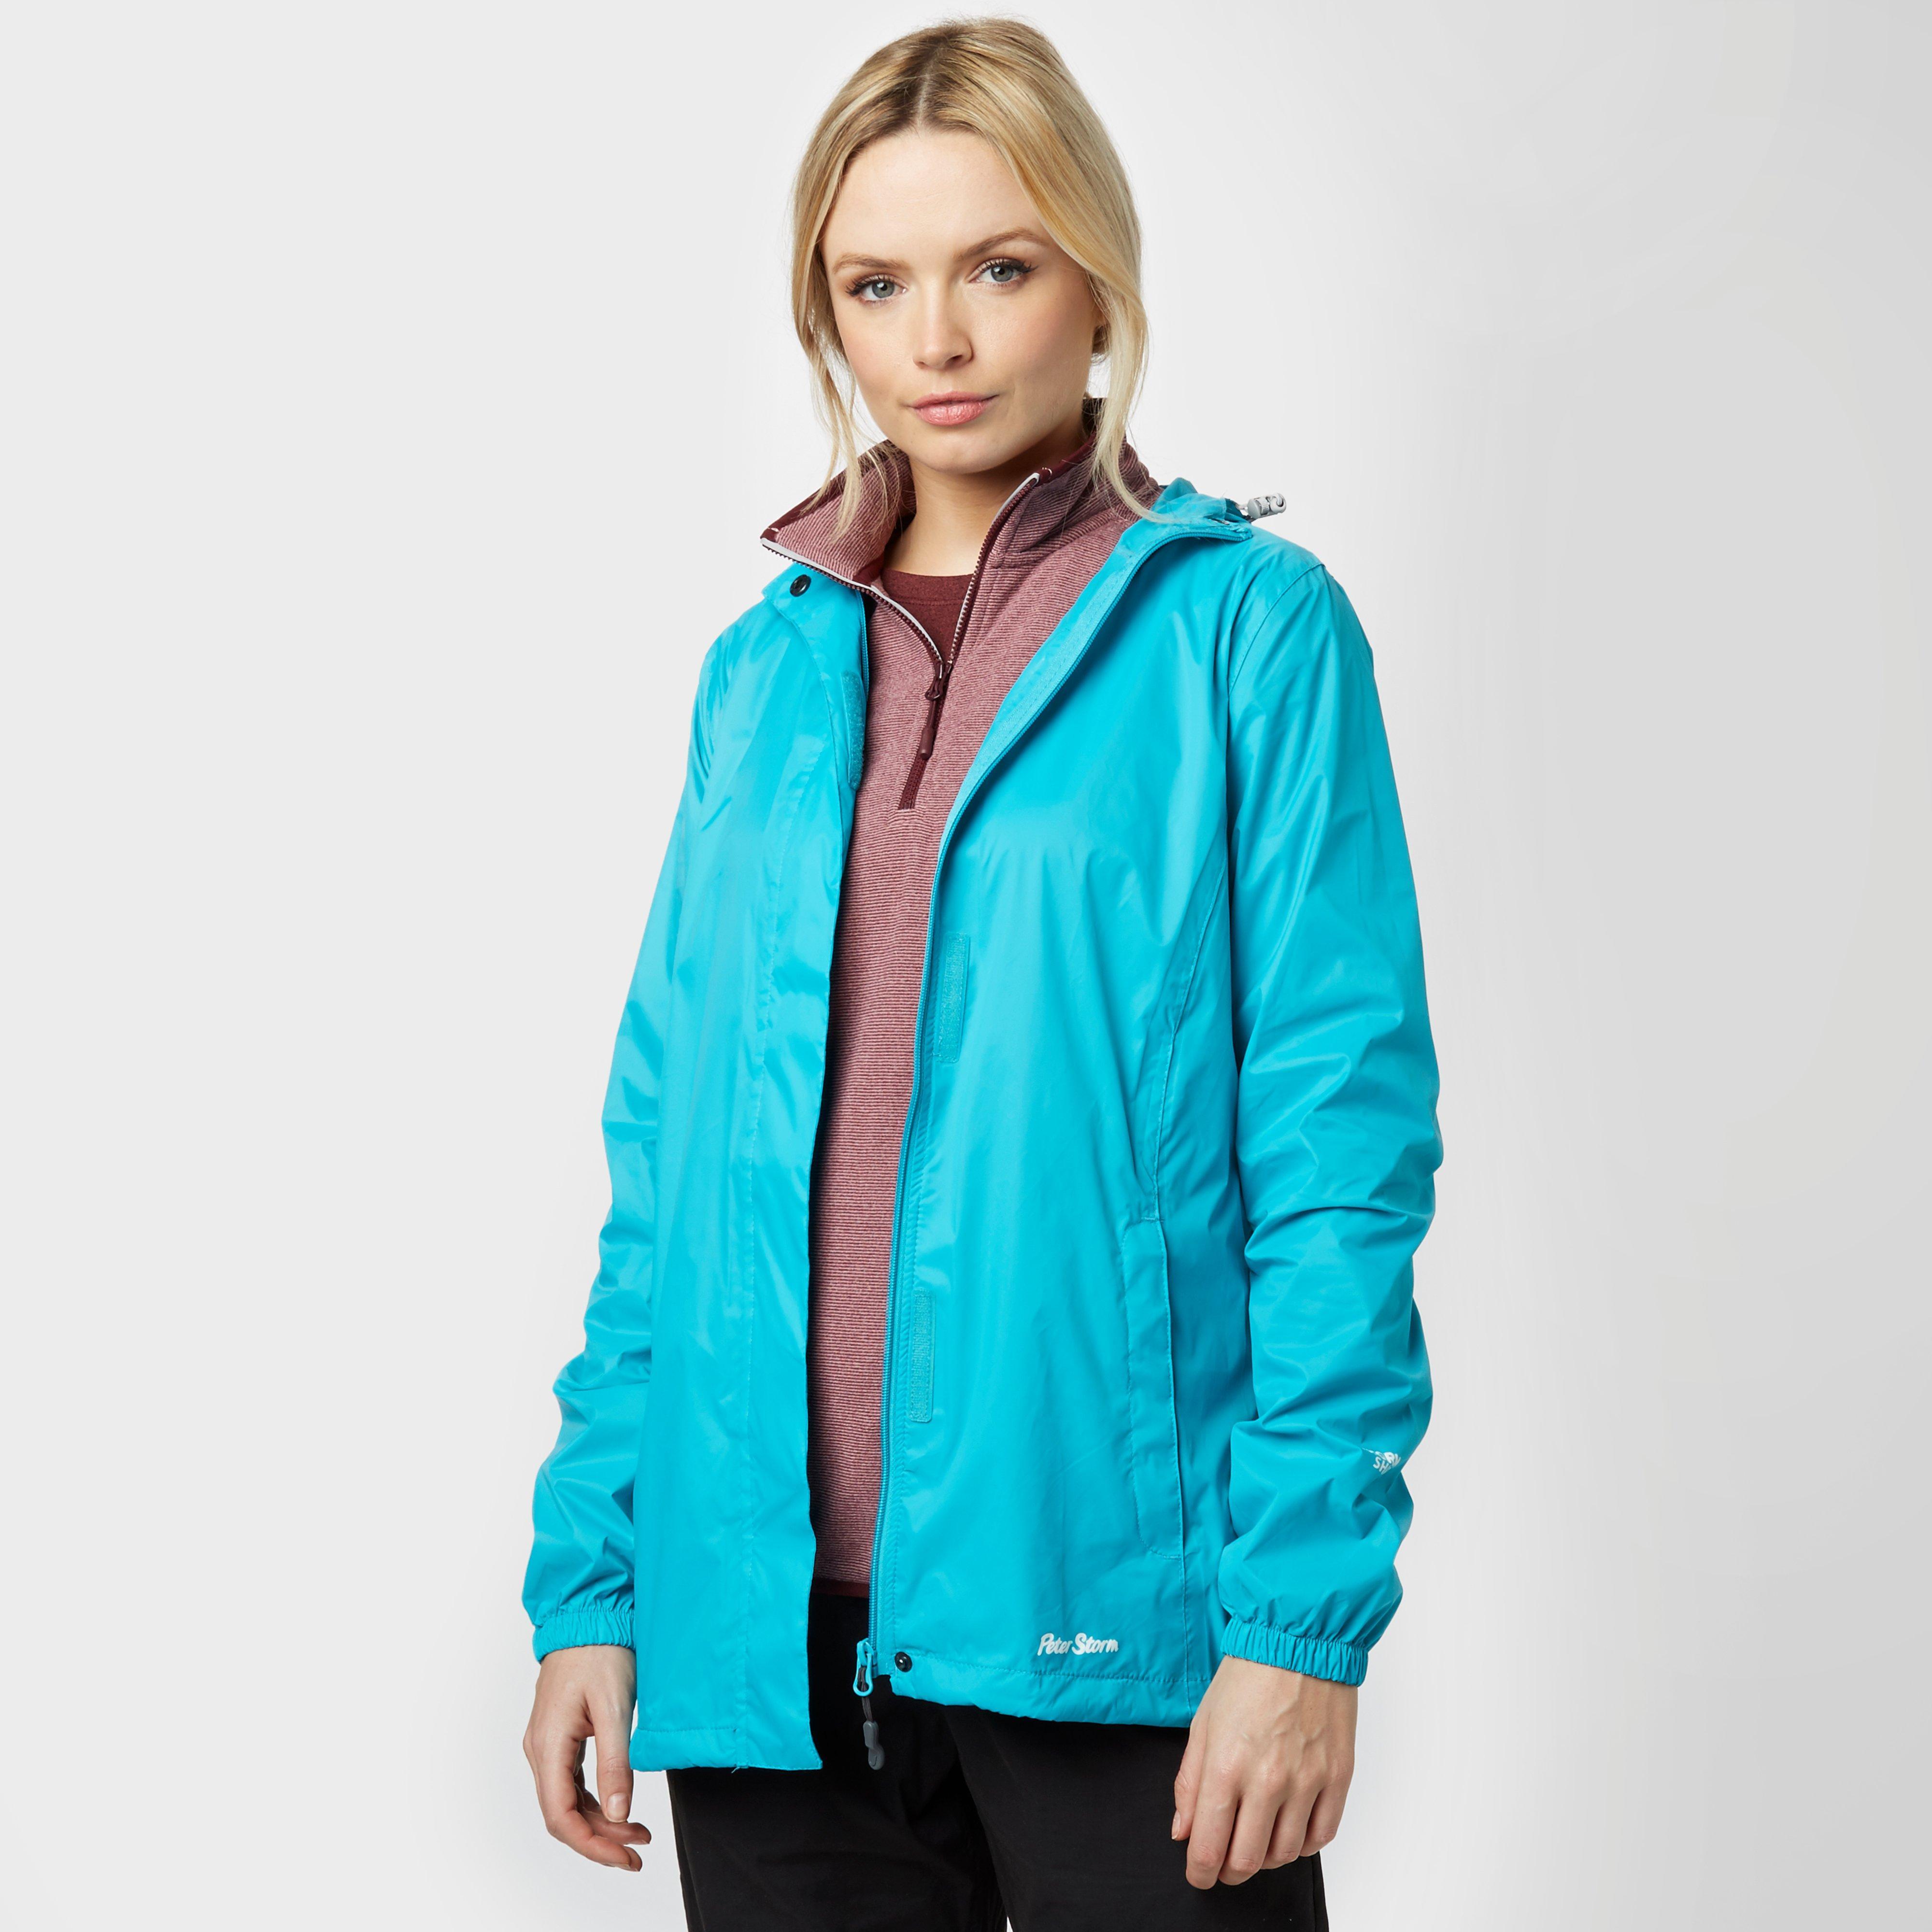 Peter Storm Women's Frosty Down Jacket II